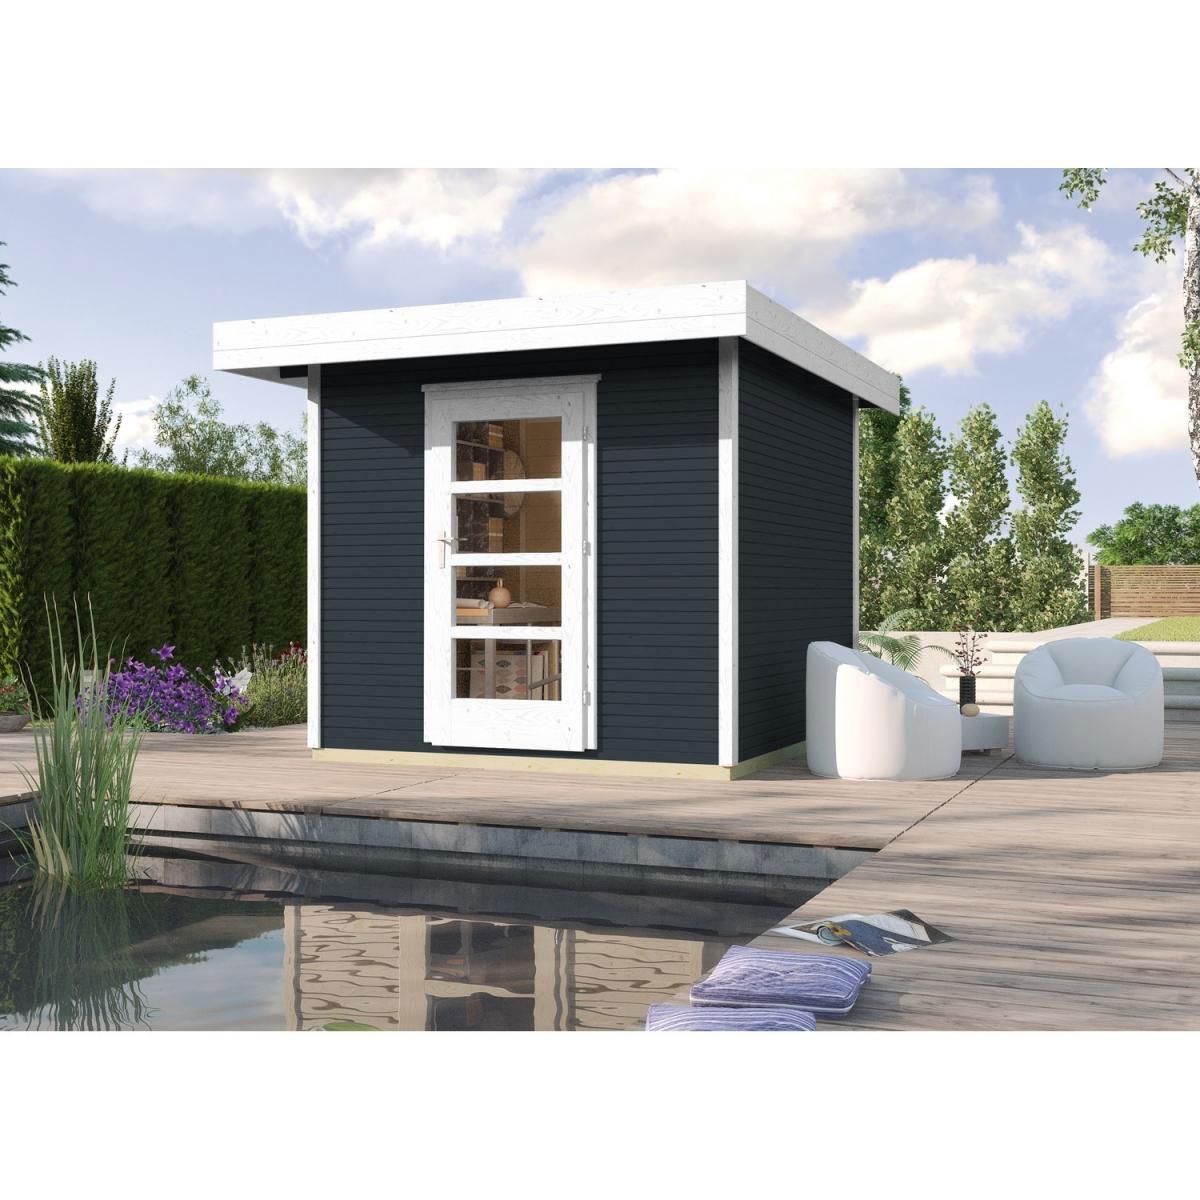 Weka Holz-Gartenhaus wekaLine Anthrazit 240 cm x 235 cm